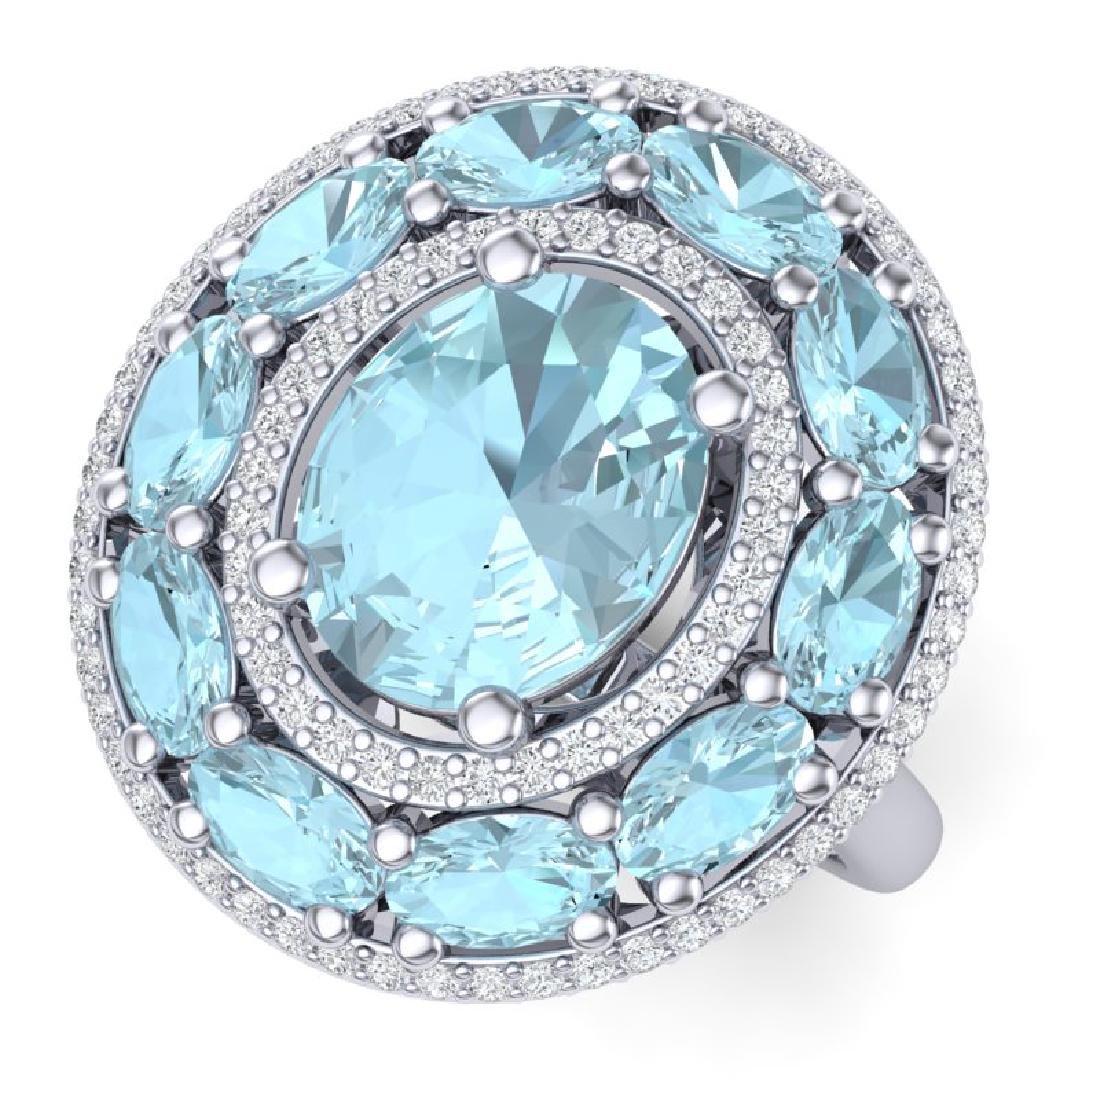 8.47 CTW Royalty Sky Topaz & VS Diamond Ring 18K White